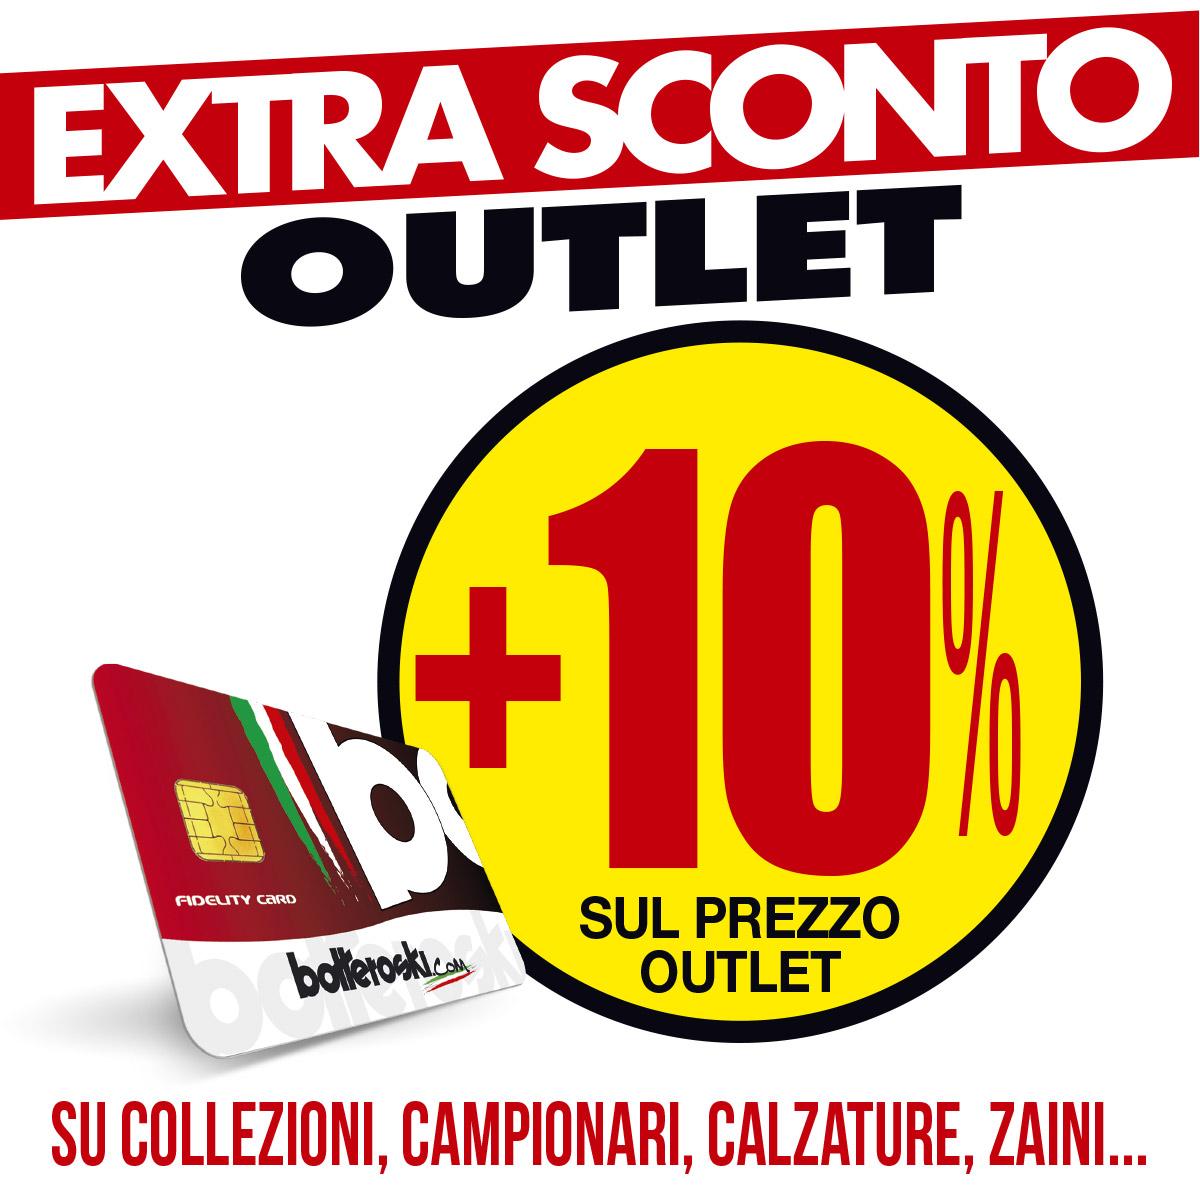 Extra sconto +10% negli outlet di Vernante e Cuneo!